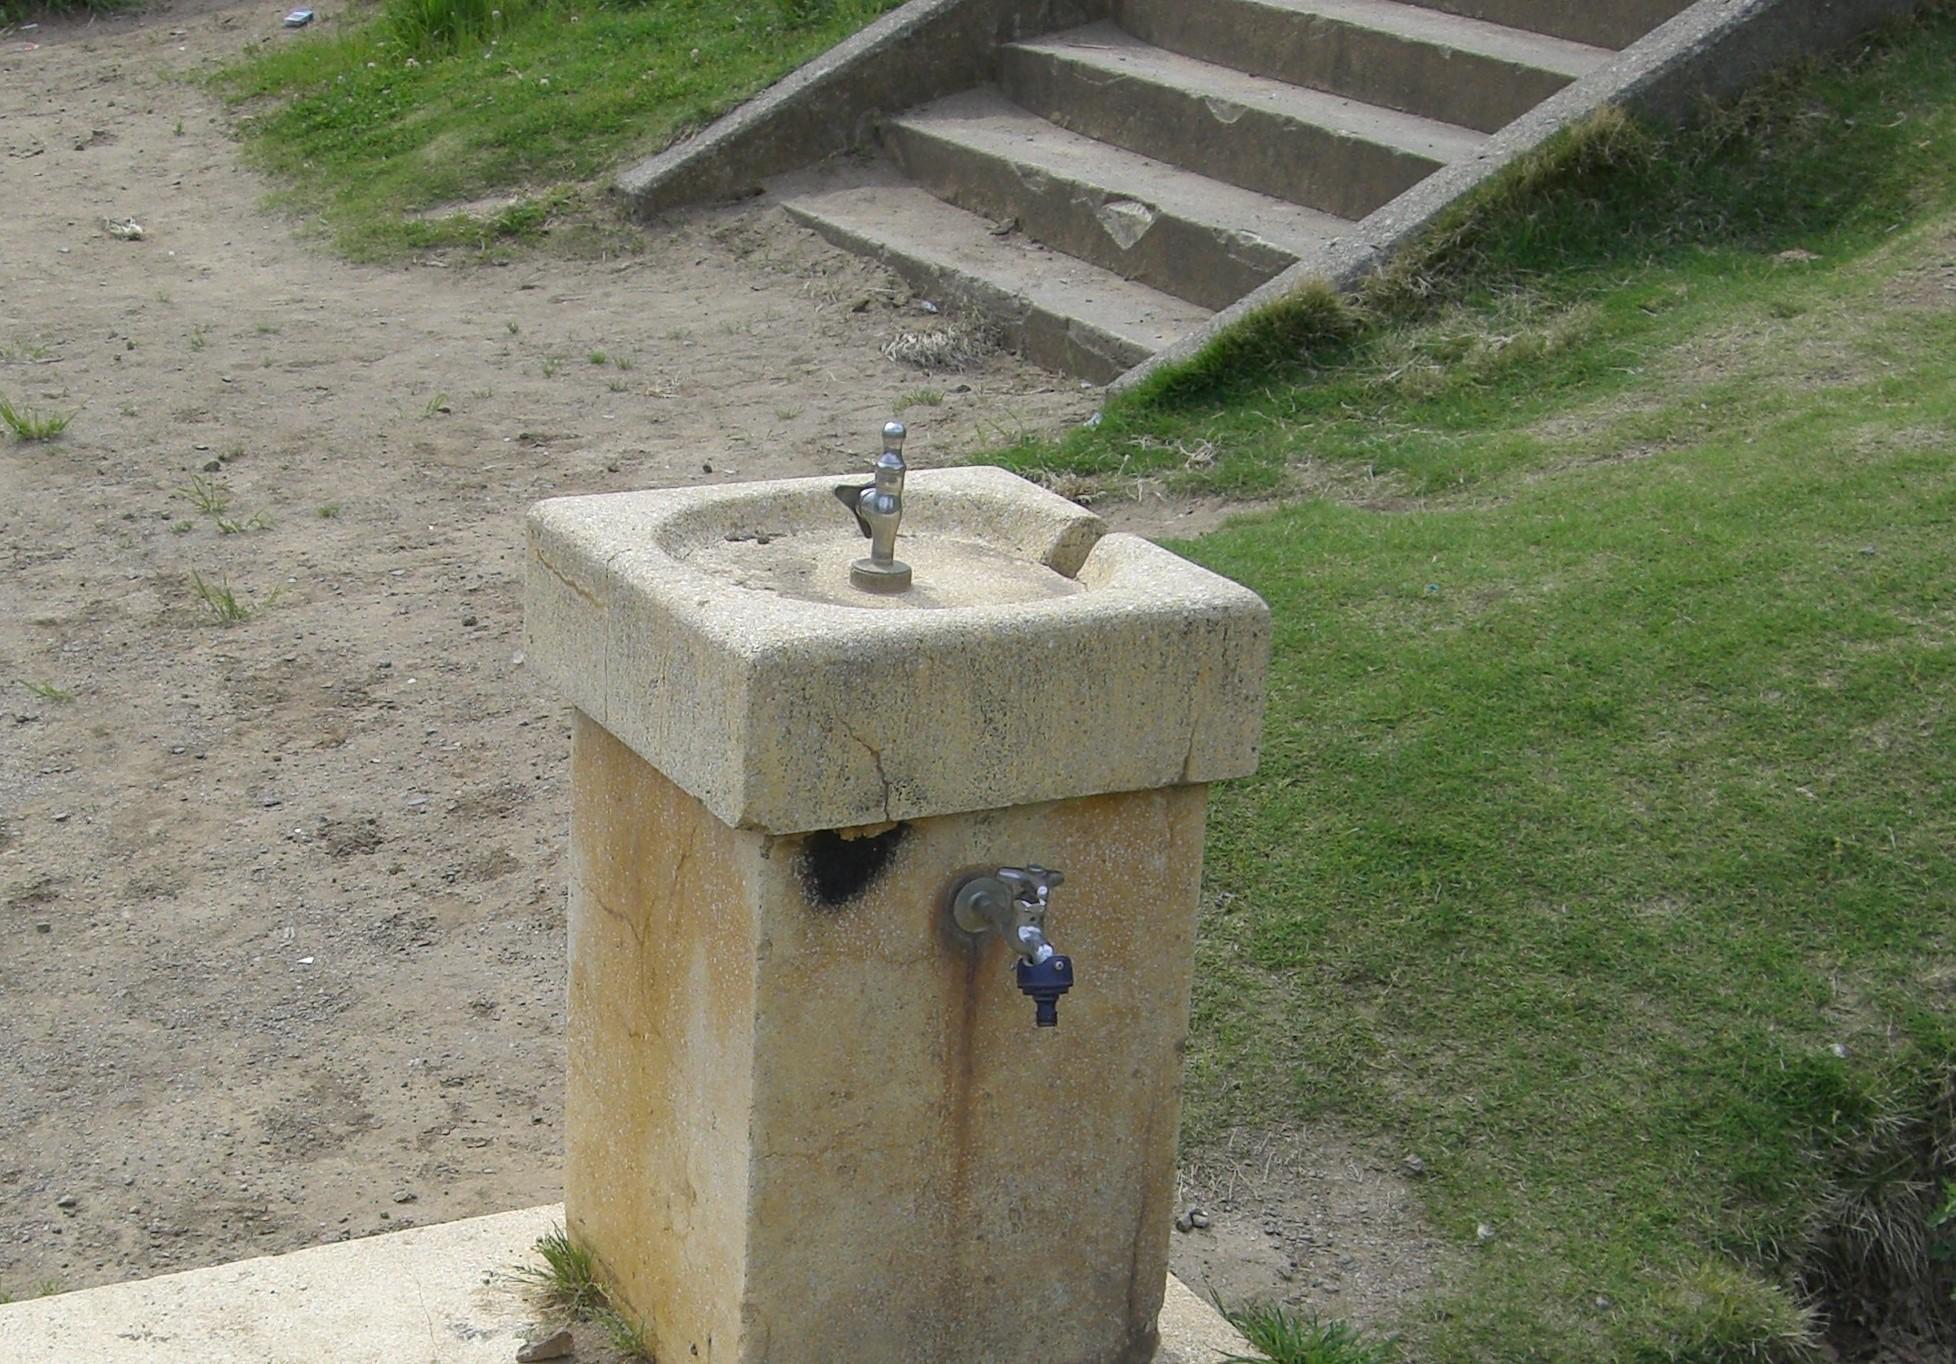 水道料金徴収専門員(収納員)は自覚なく節約する